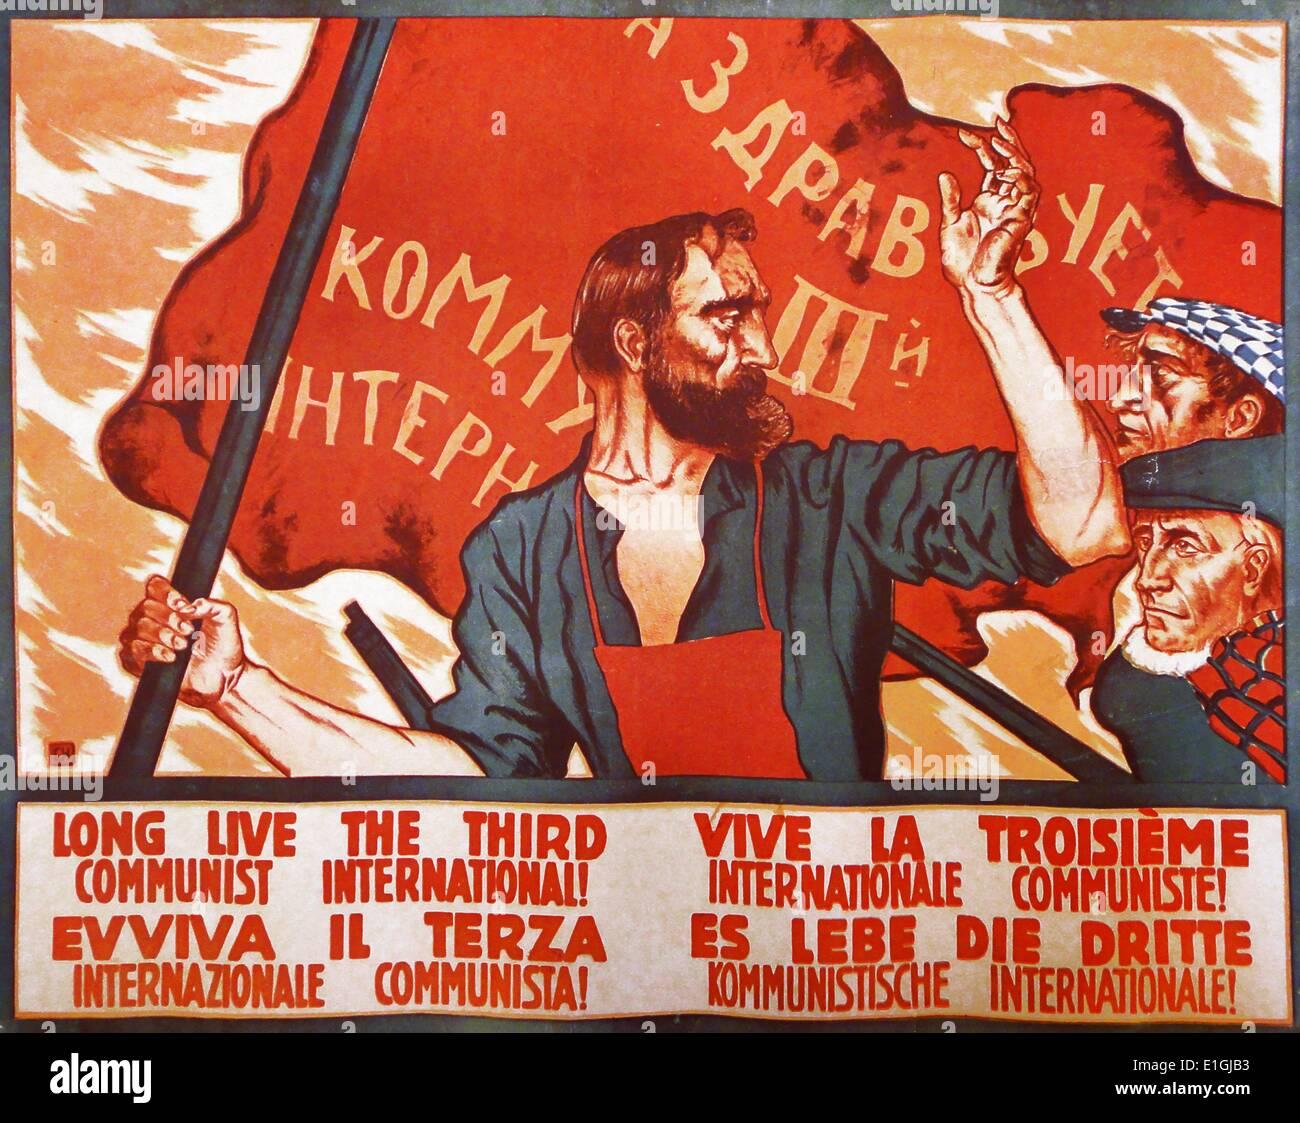 Affiche de propagande soviétique pour la Troisième Internationale. L'Internationale Communiste, en abrégé Komintern et également connu sous le nom de Photo Stock